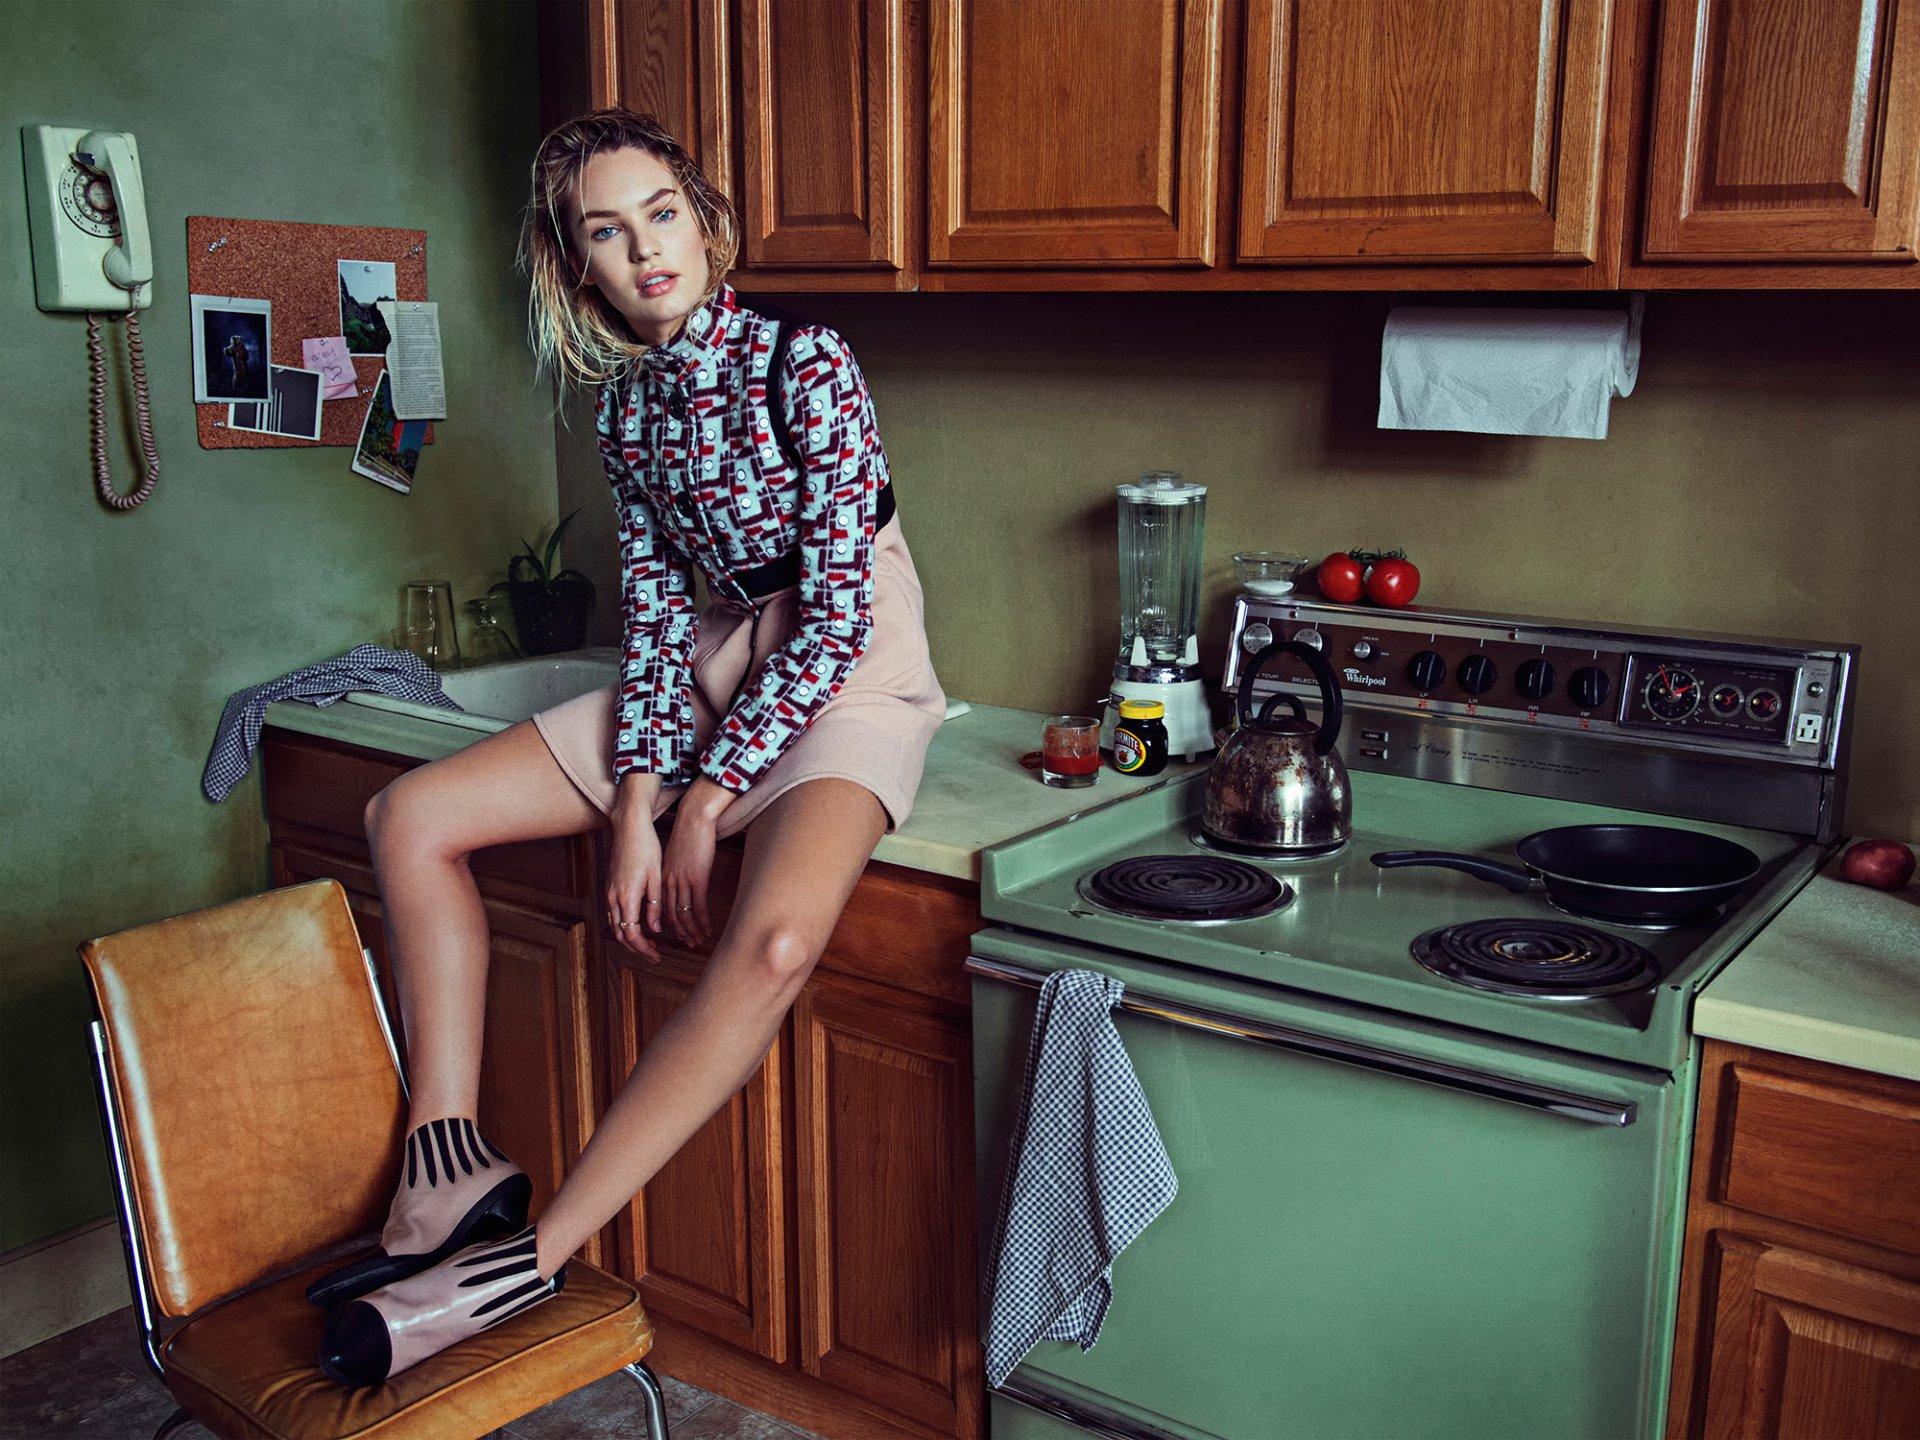 Гибдд казахстана две женщины сидят на кухне фото жена страпон